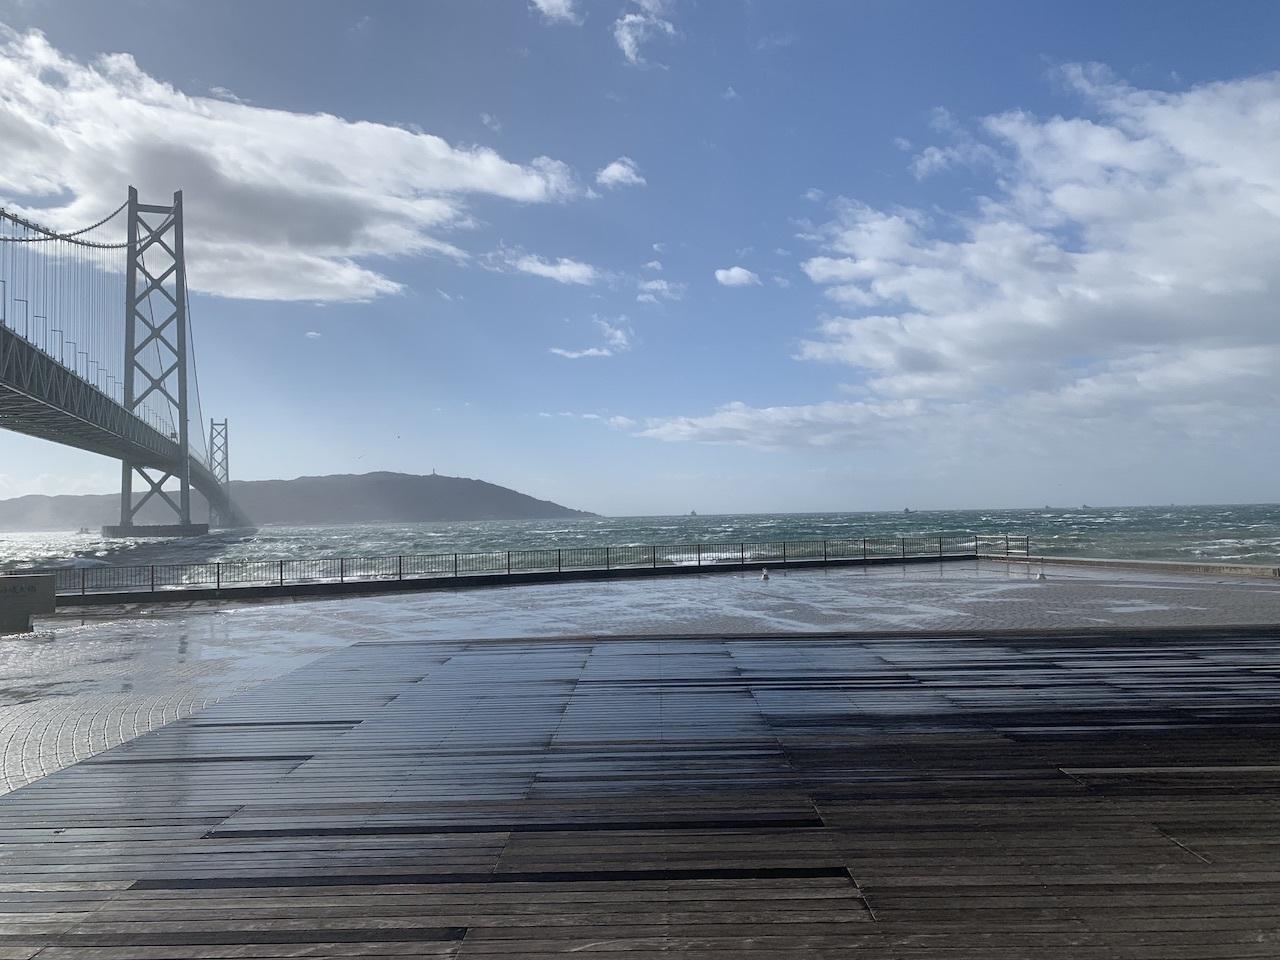 暴風警報下の舞子海岸(舞子 垂水 神戸)_b0279441_00552270.jpg